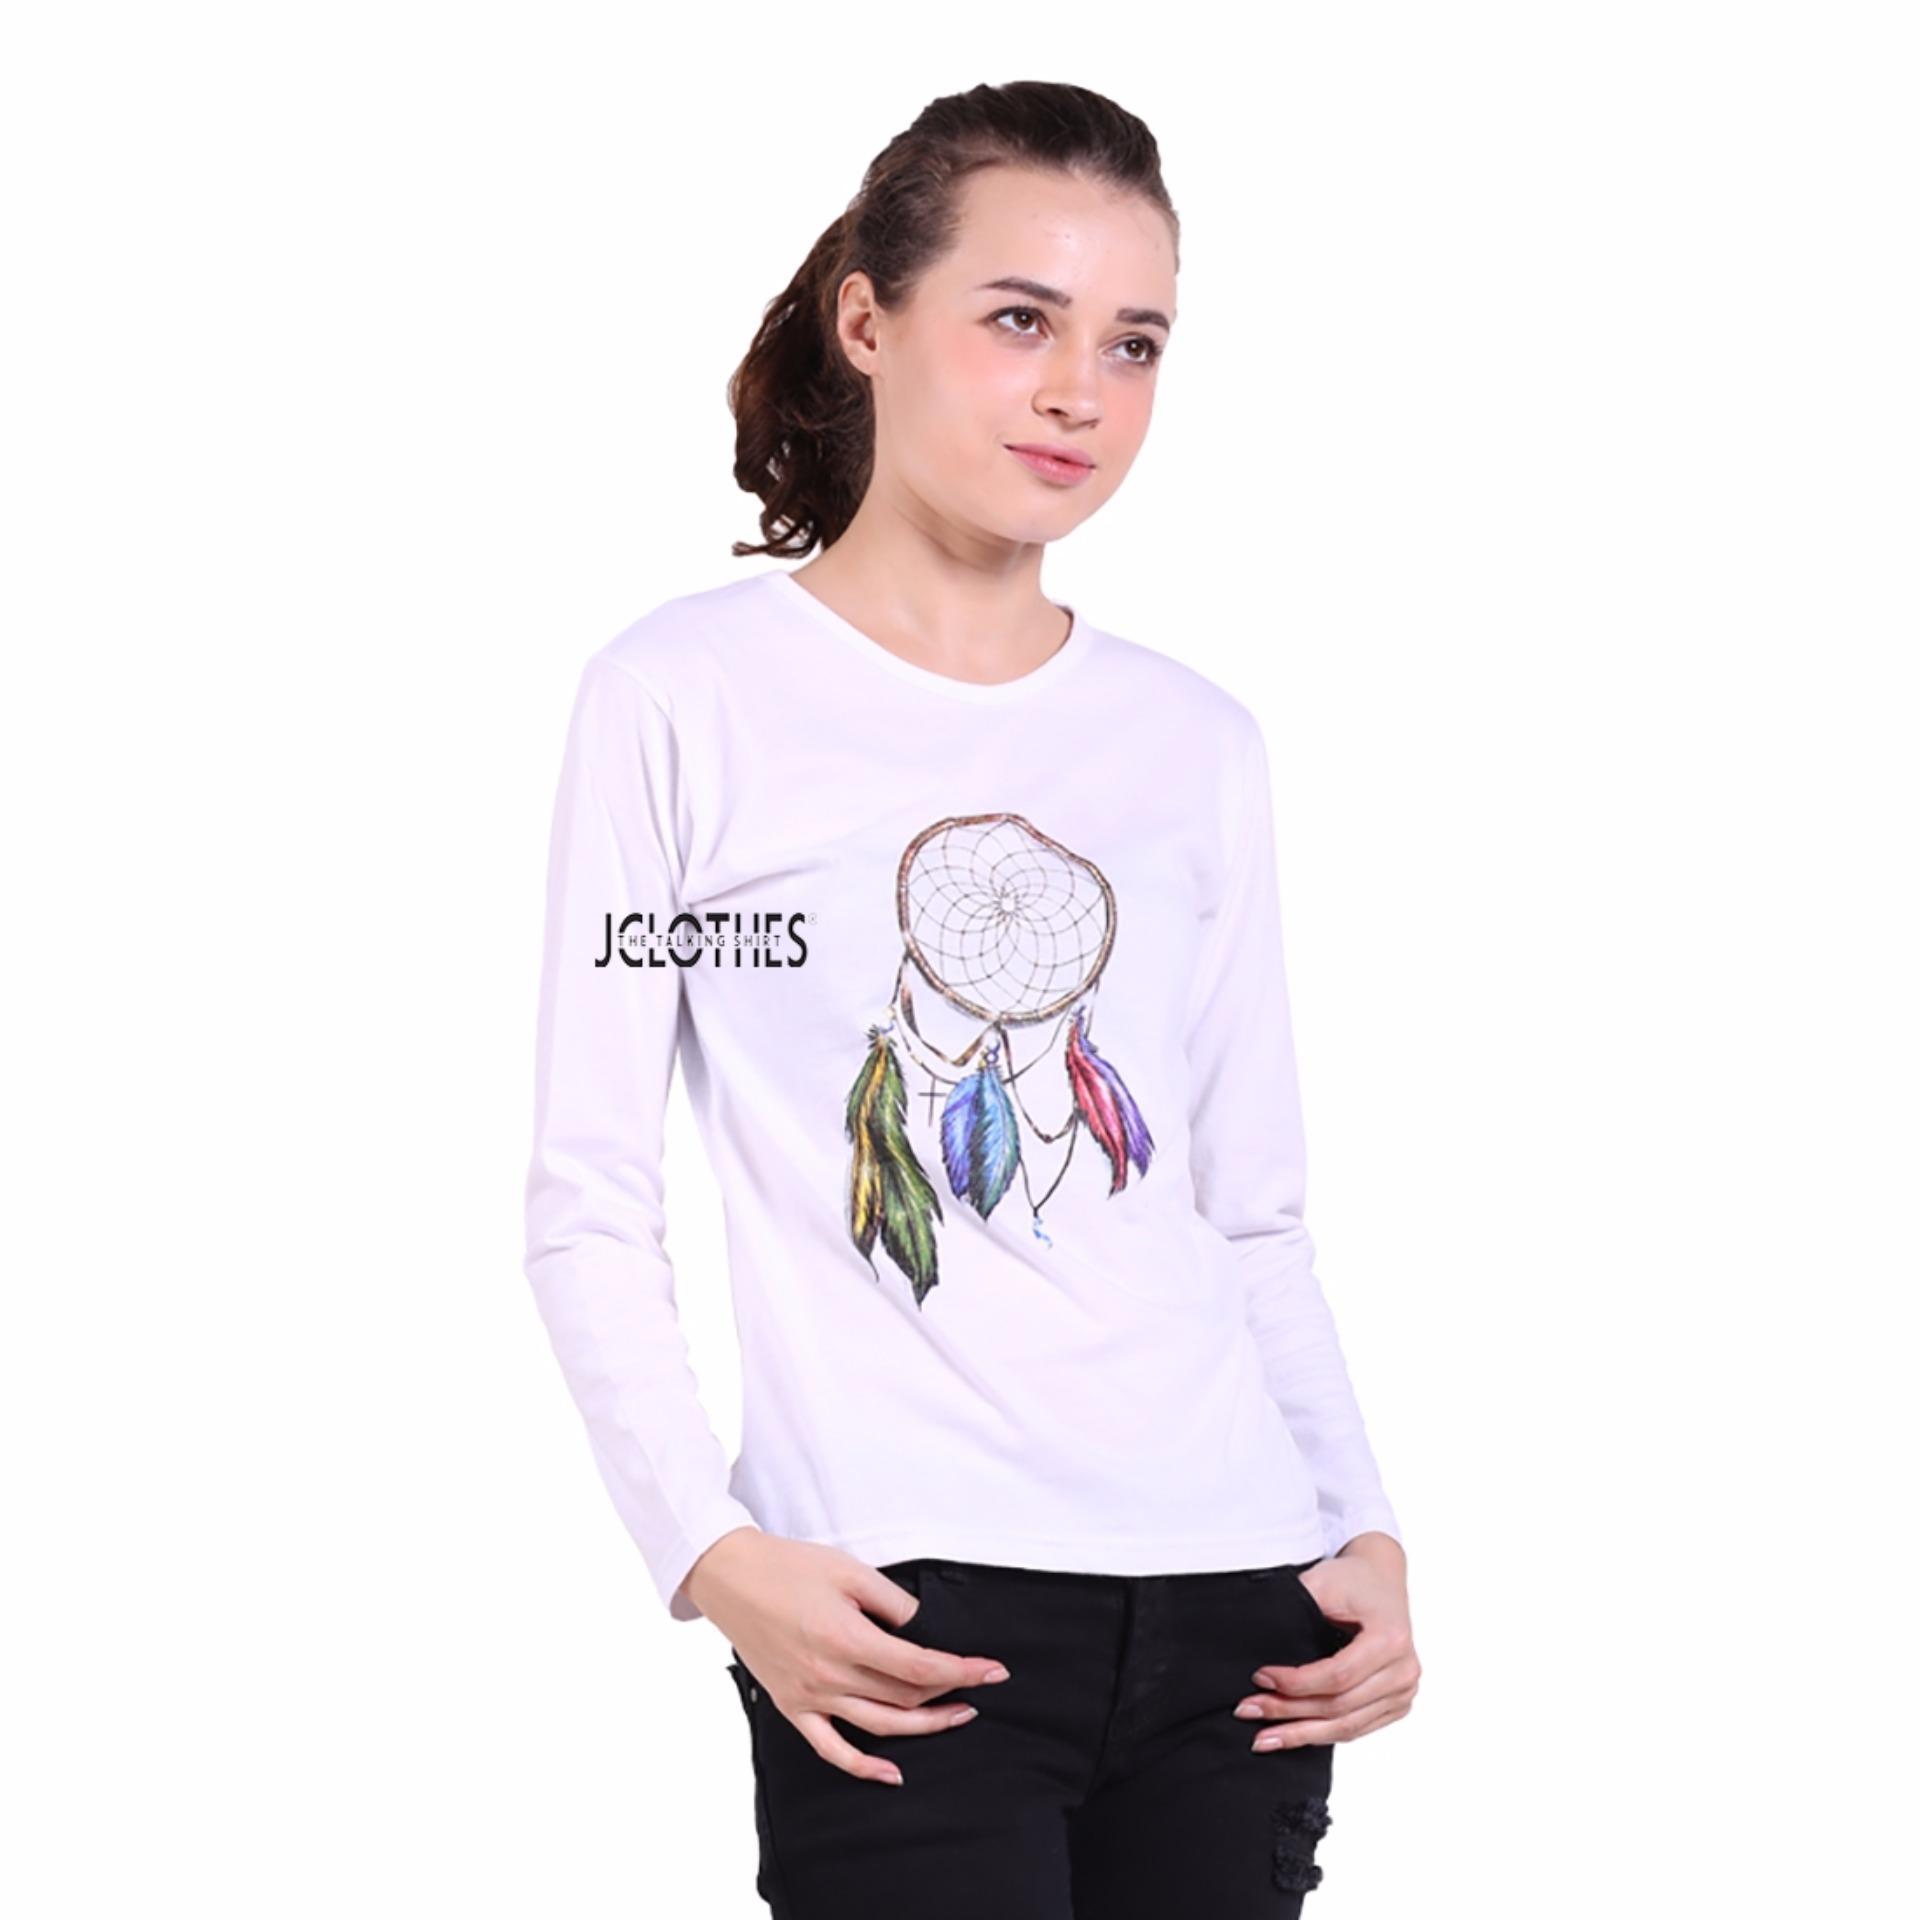 JCLOTHES Tumblr Tee / Kaos Cewe / Kaos Lengan Panjang Wanita Dream Catcher - Putih .